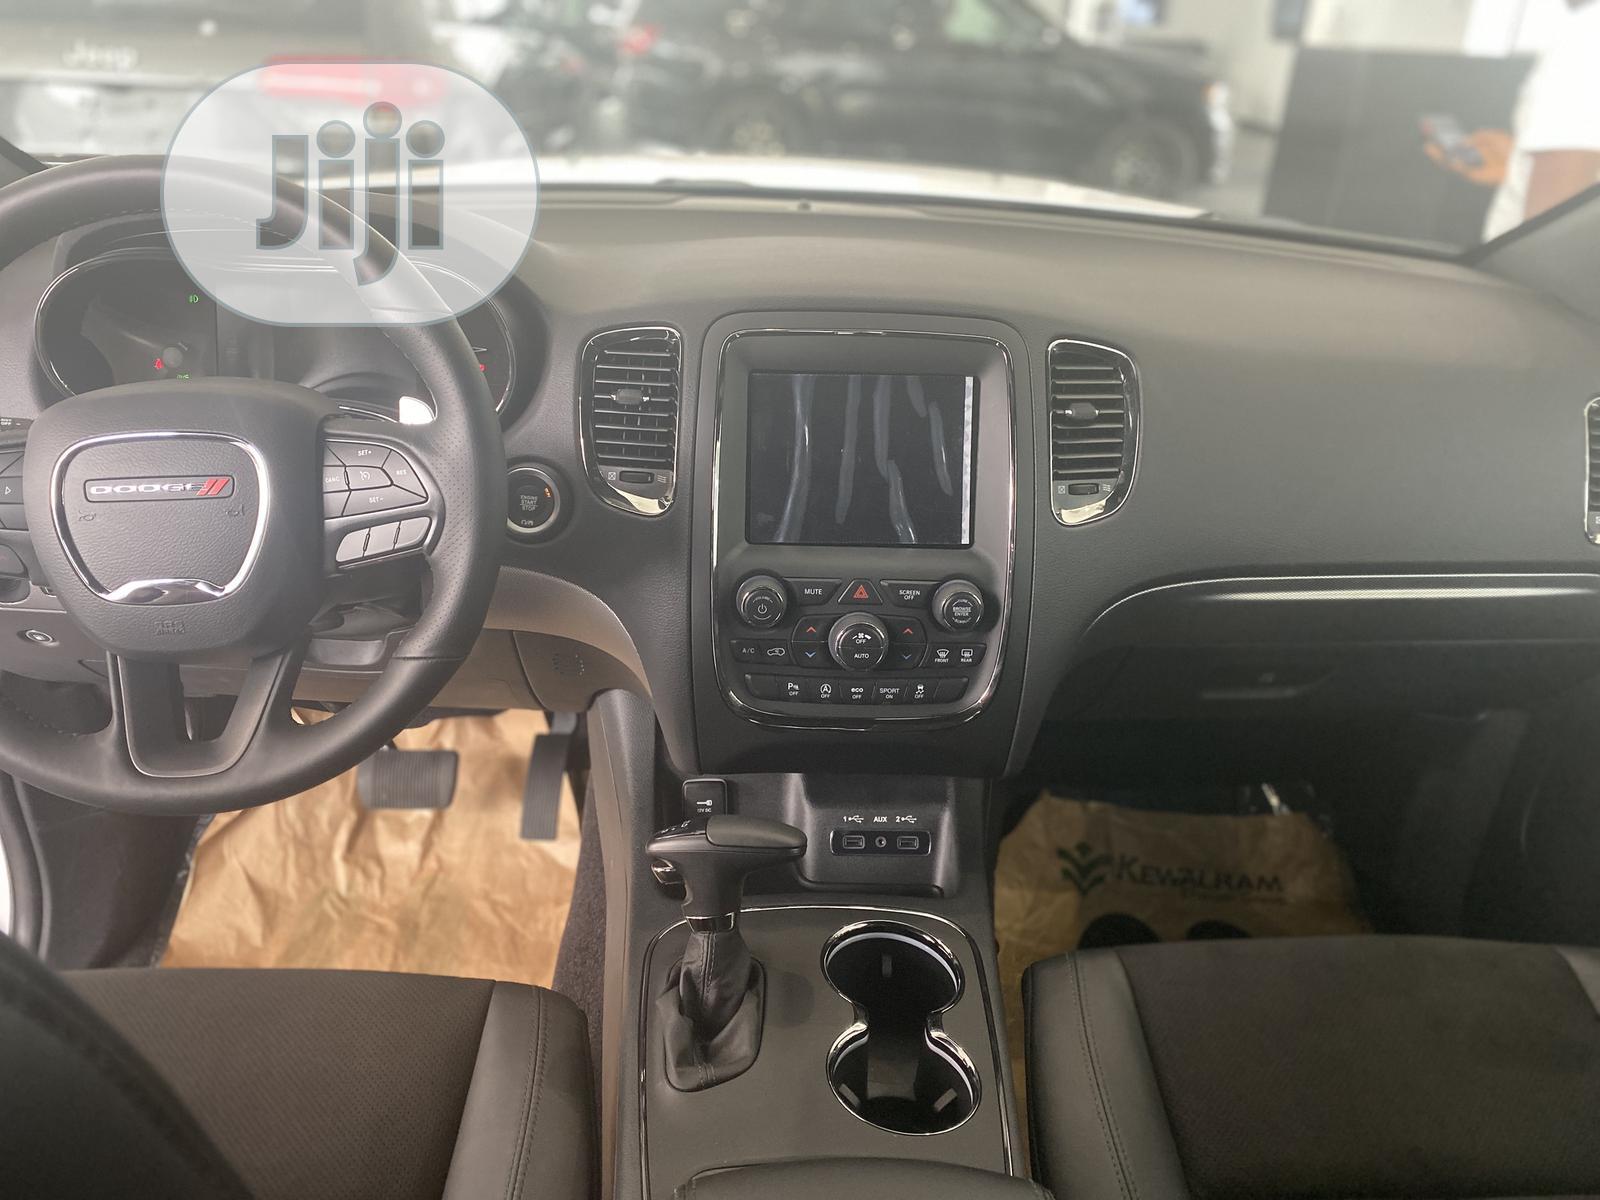 New Dodge Durango 2019 White | Cars for sale in Victoria Island, Lagos State, Nigeria